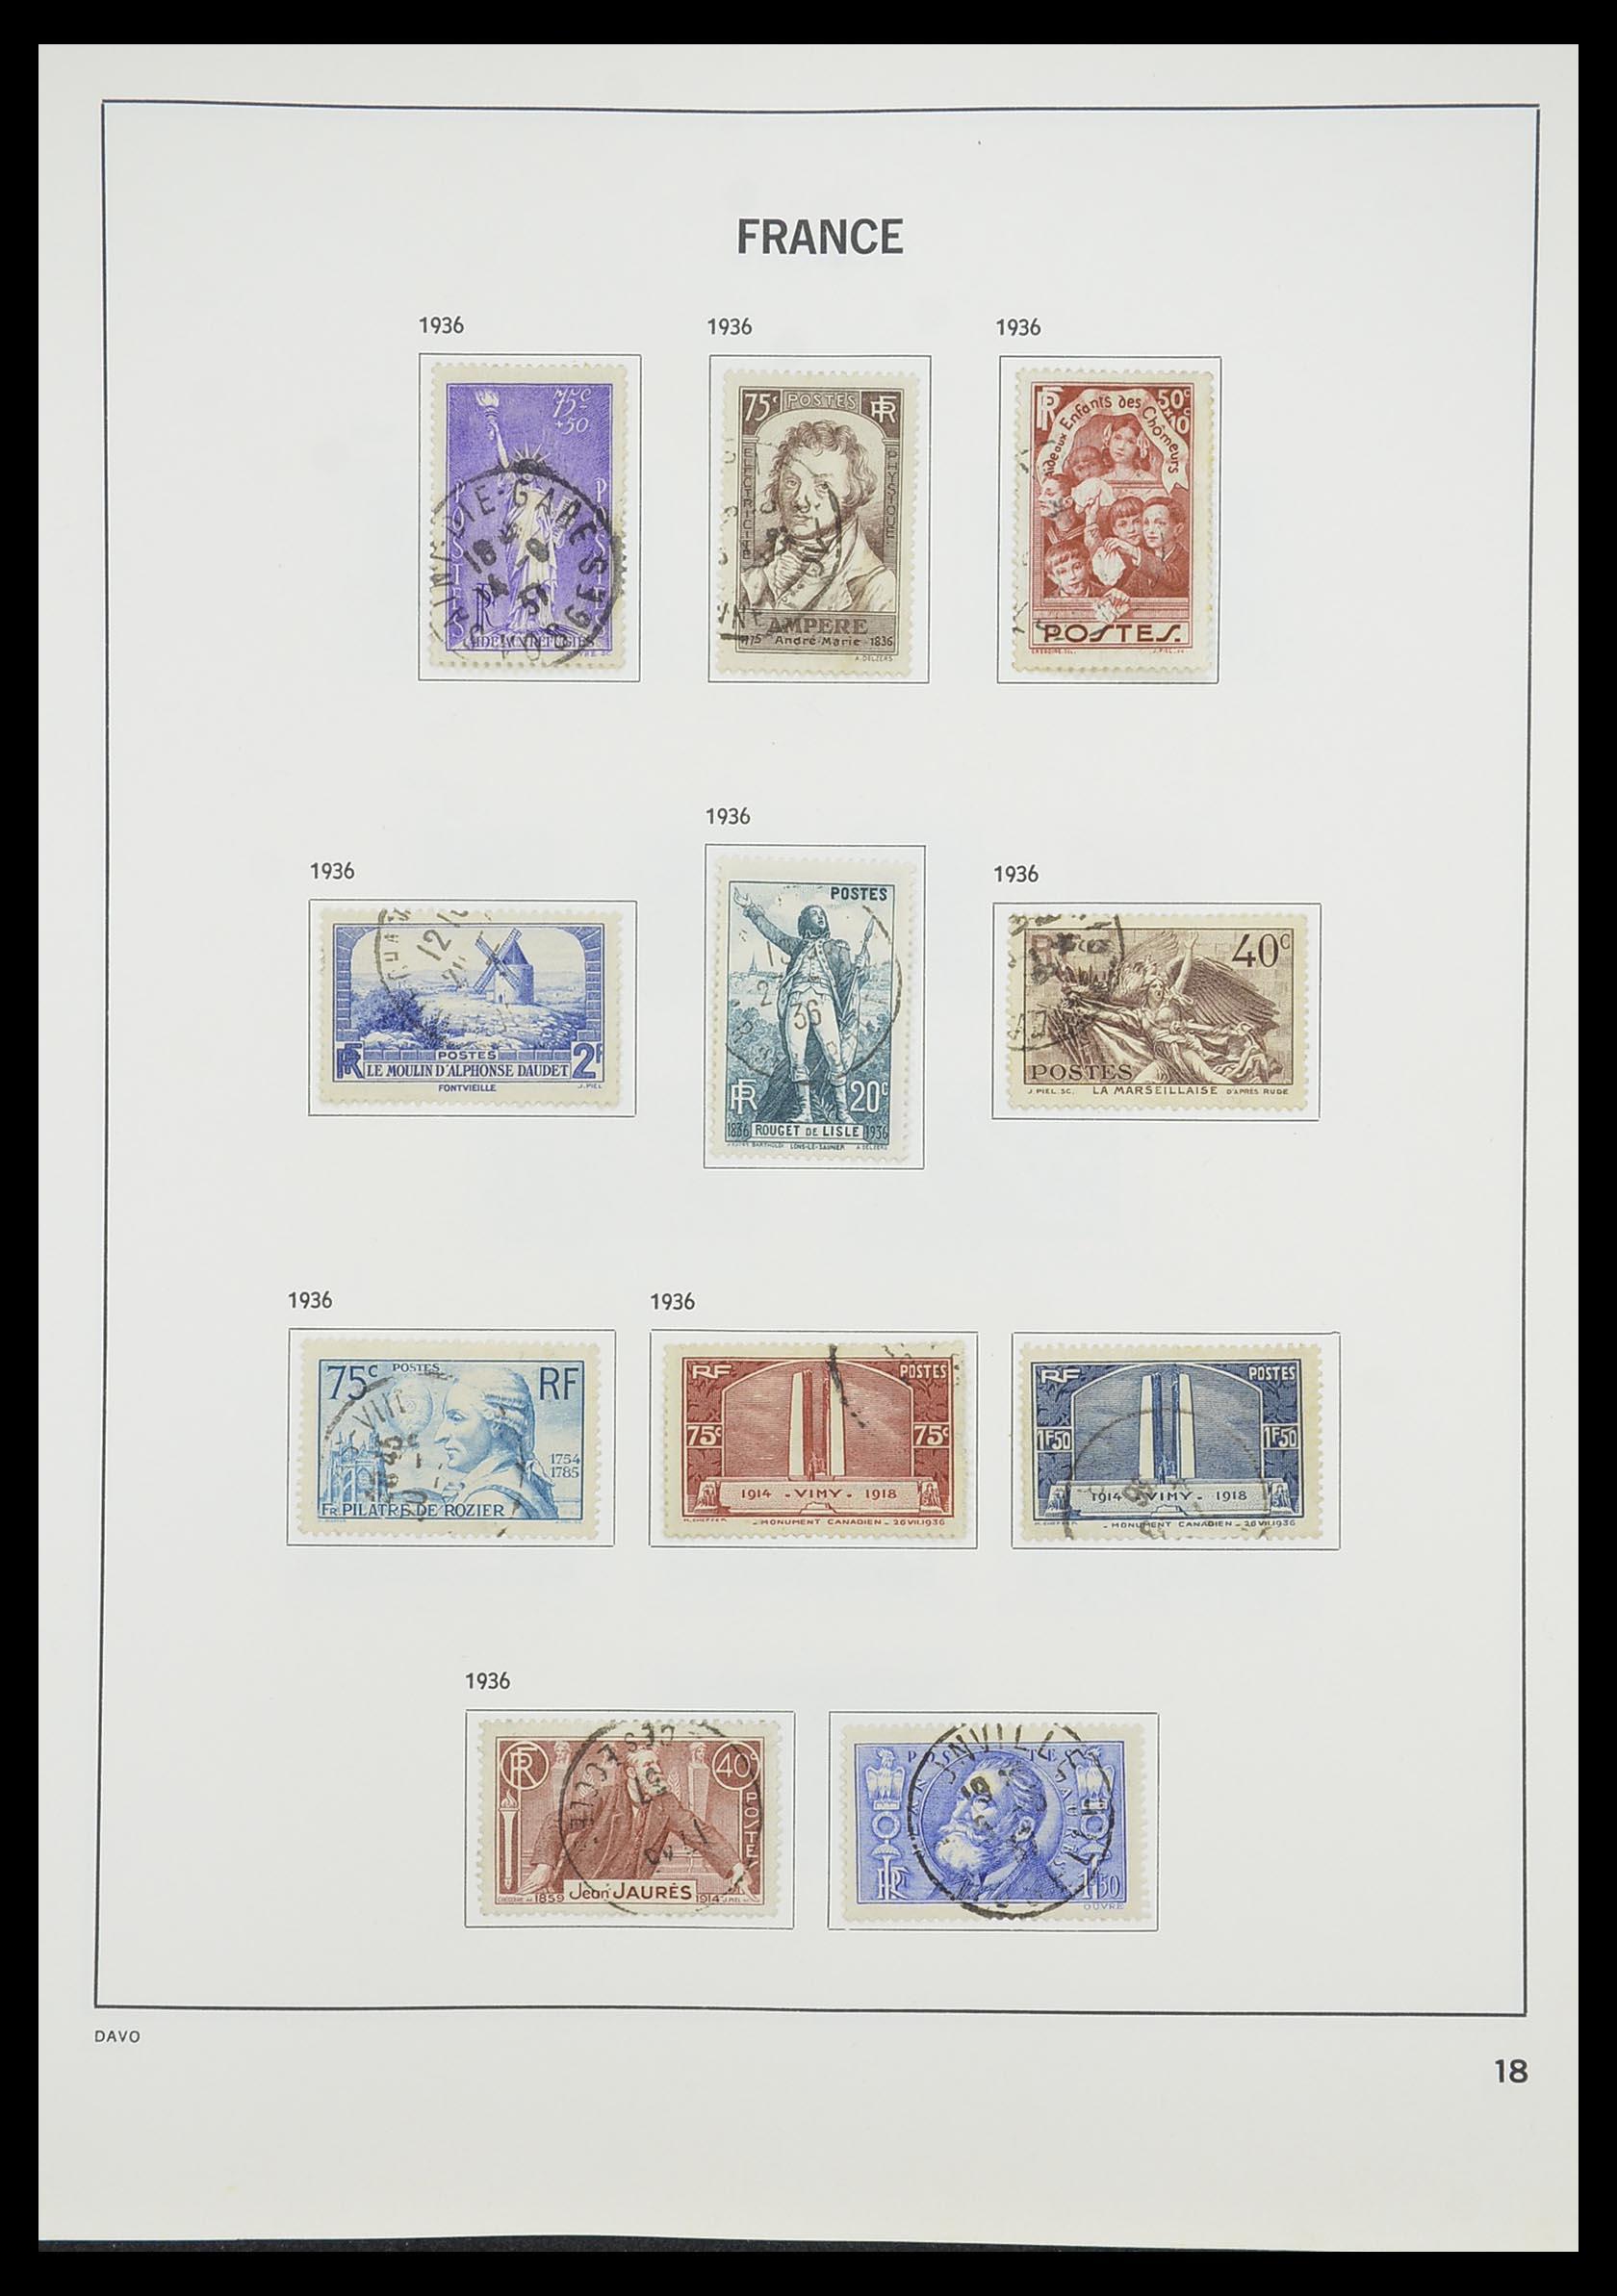 33819 020 - Postzegelverzameling 33819 Frankrijk 1849-1988.